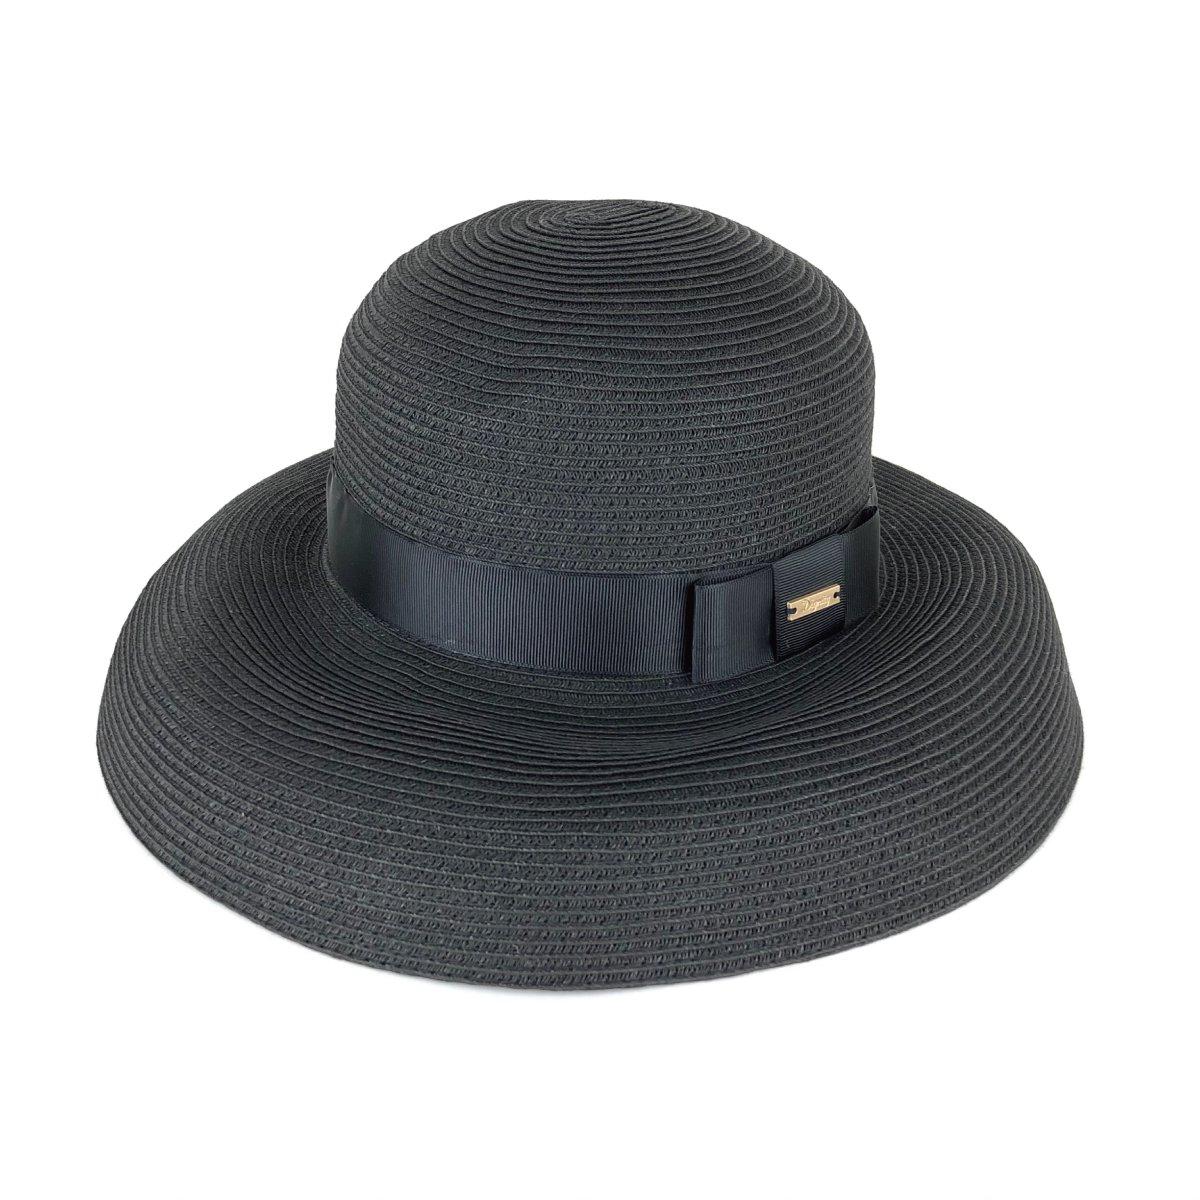 Graceful Casablanca Hat 詳細画像1